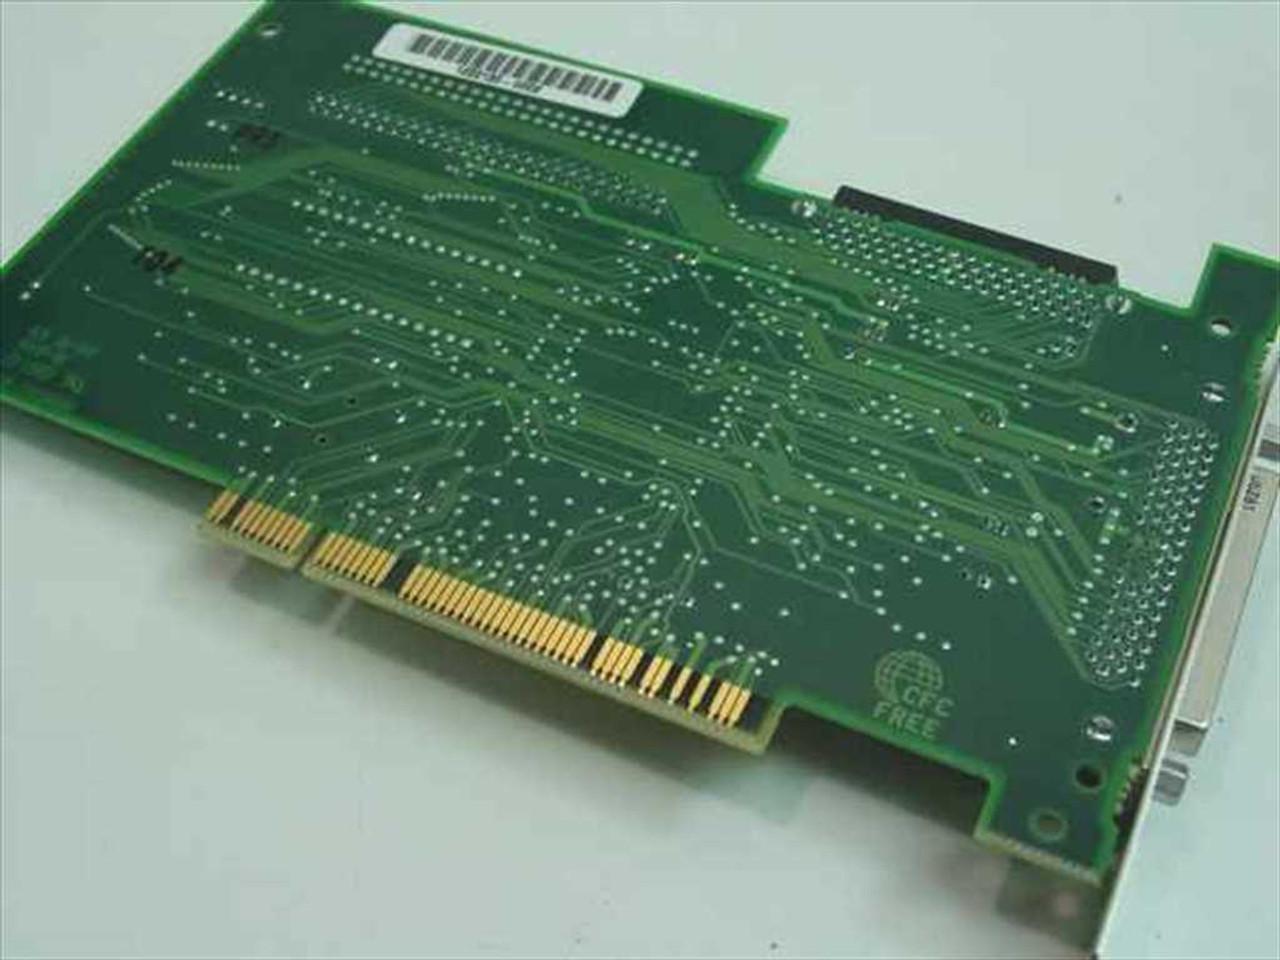 Adaptec Dual Channel SCSI PCI Card AHA-3940UW-DIGITAL AHA-3940UW//DIGITAL Adapter